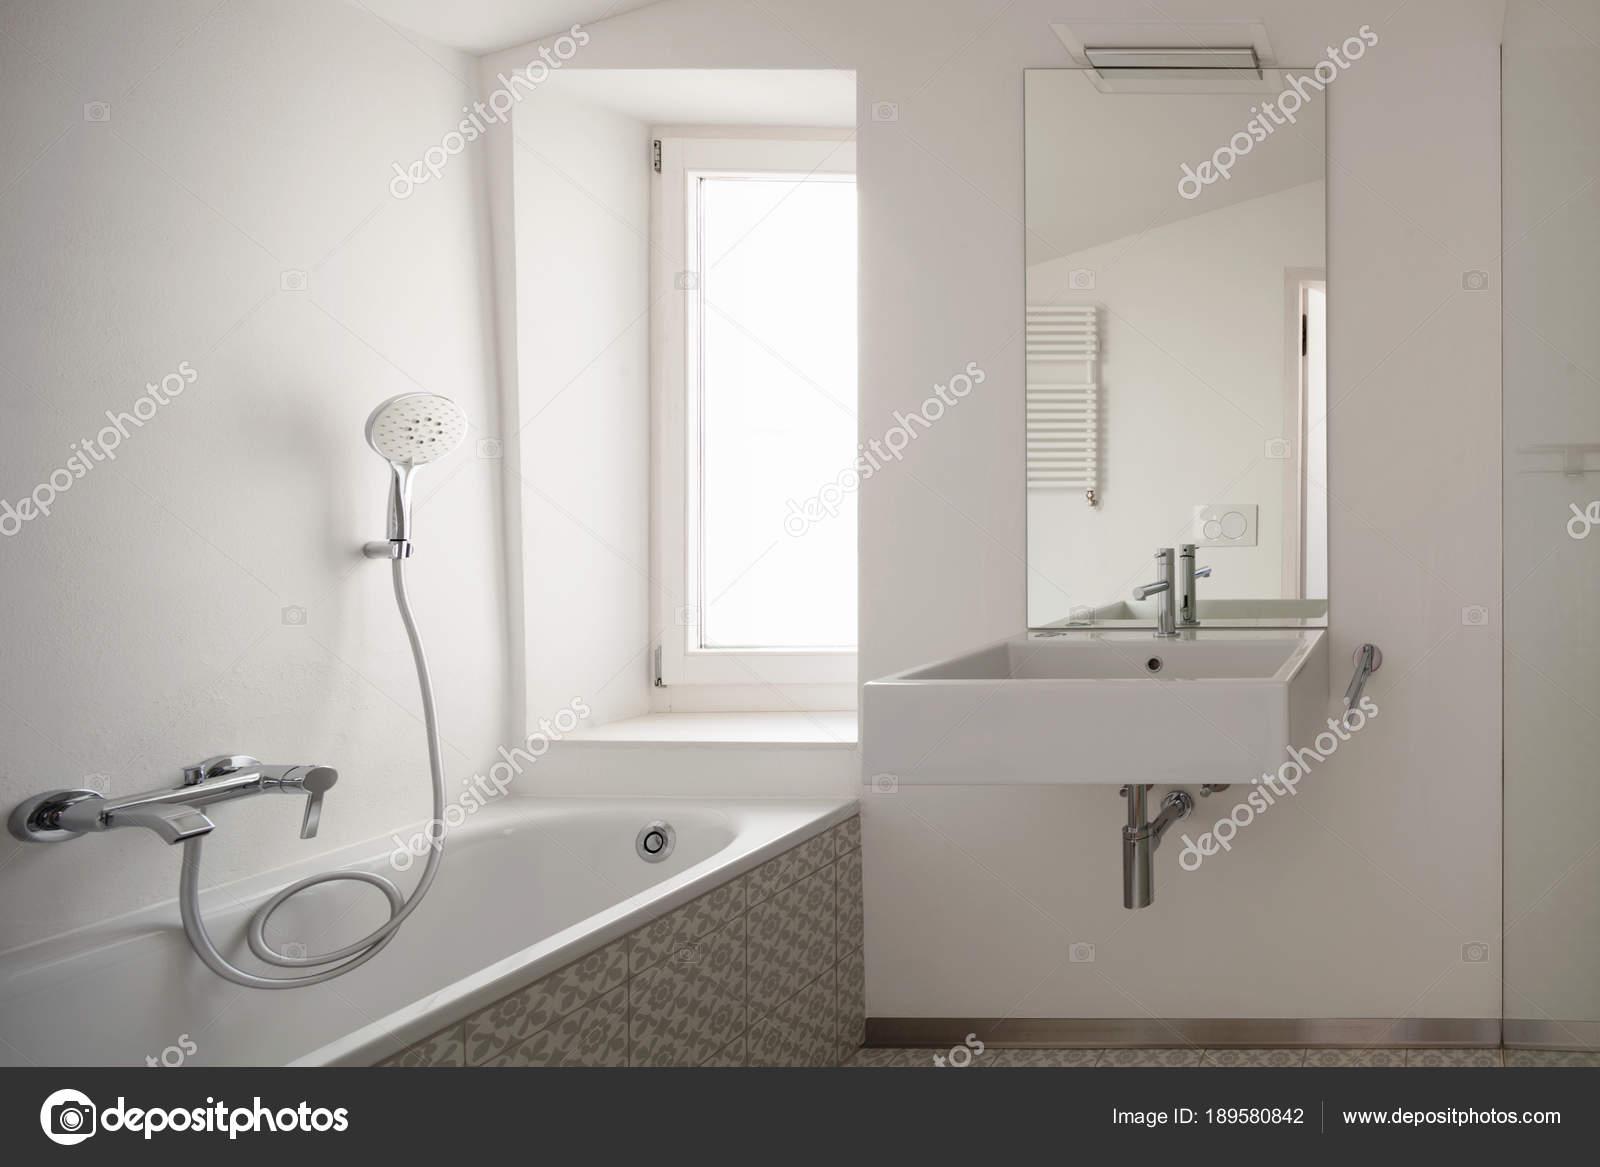 Piastrelle bagno stock perfect moderno bagno con doppia vasca